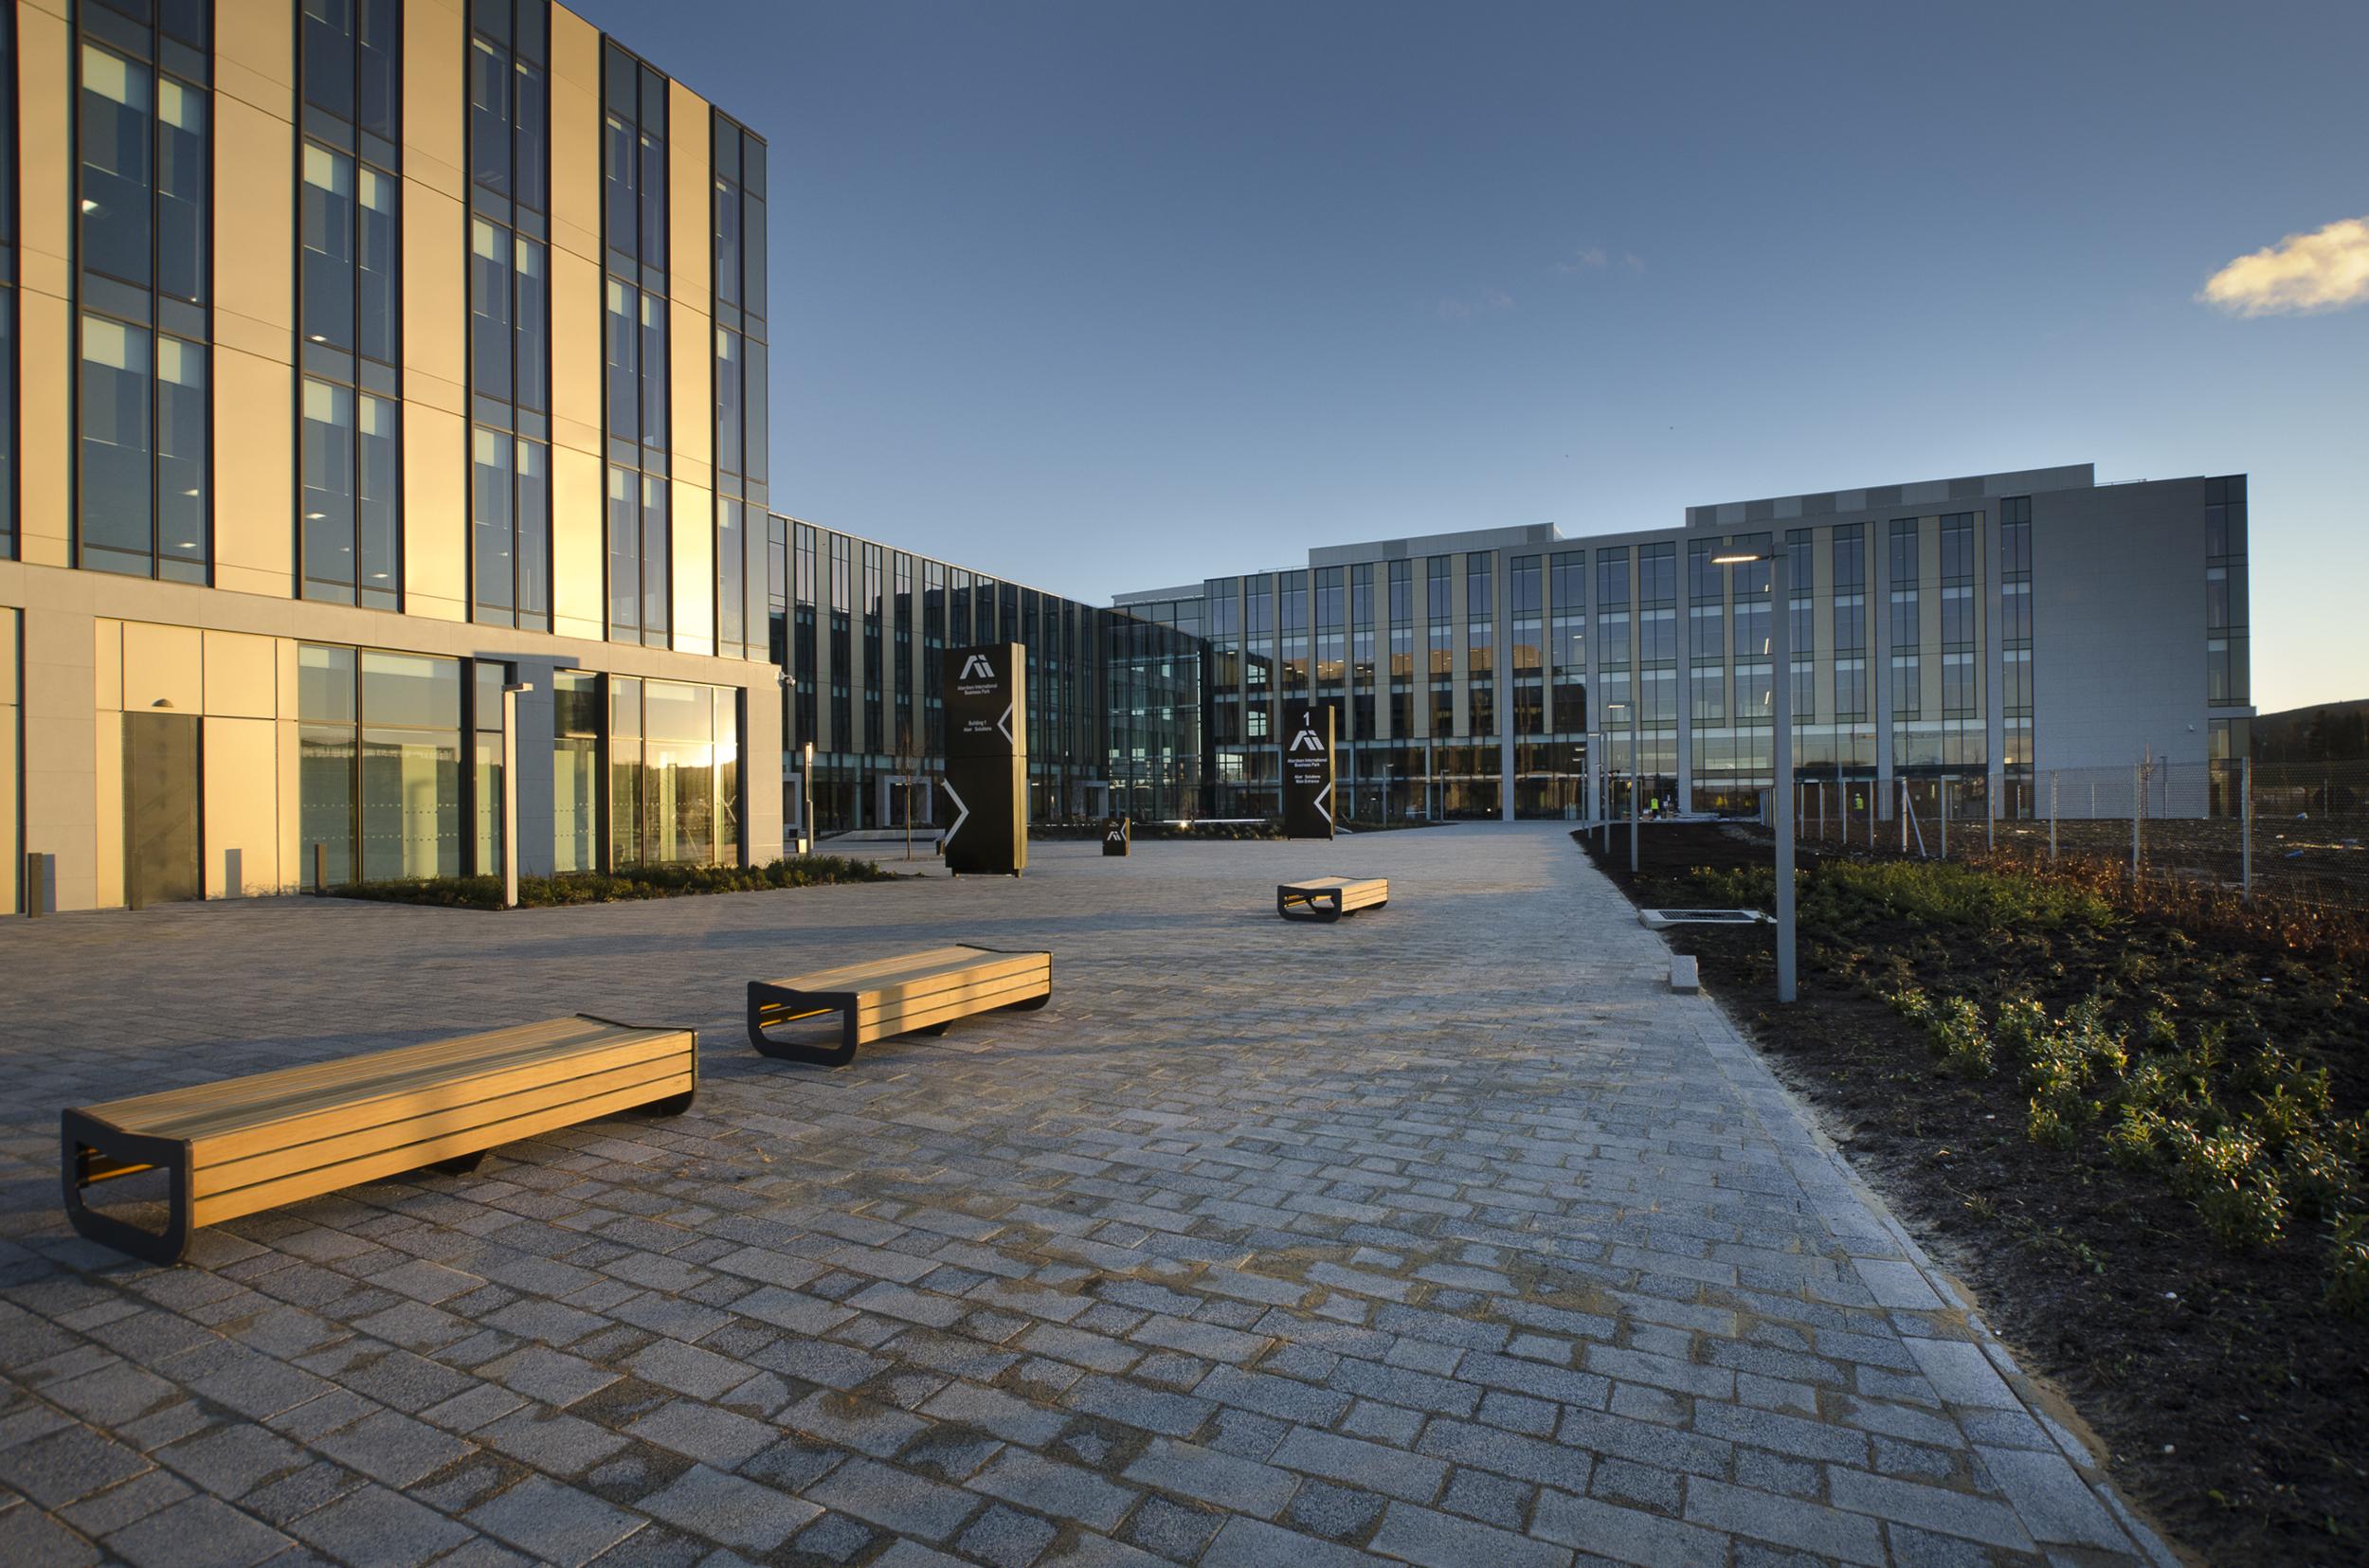 Aberdeen International Business Park